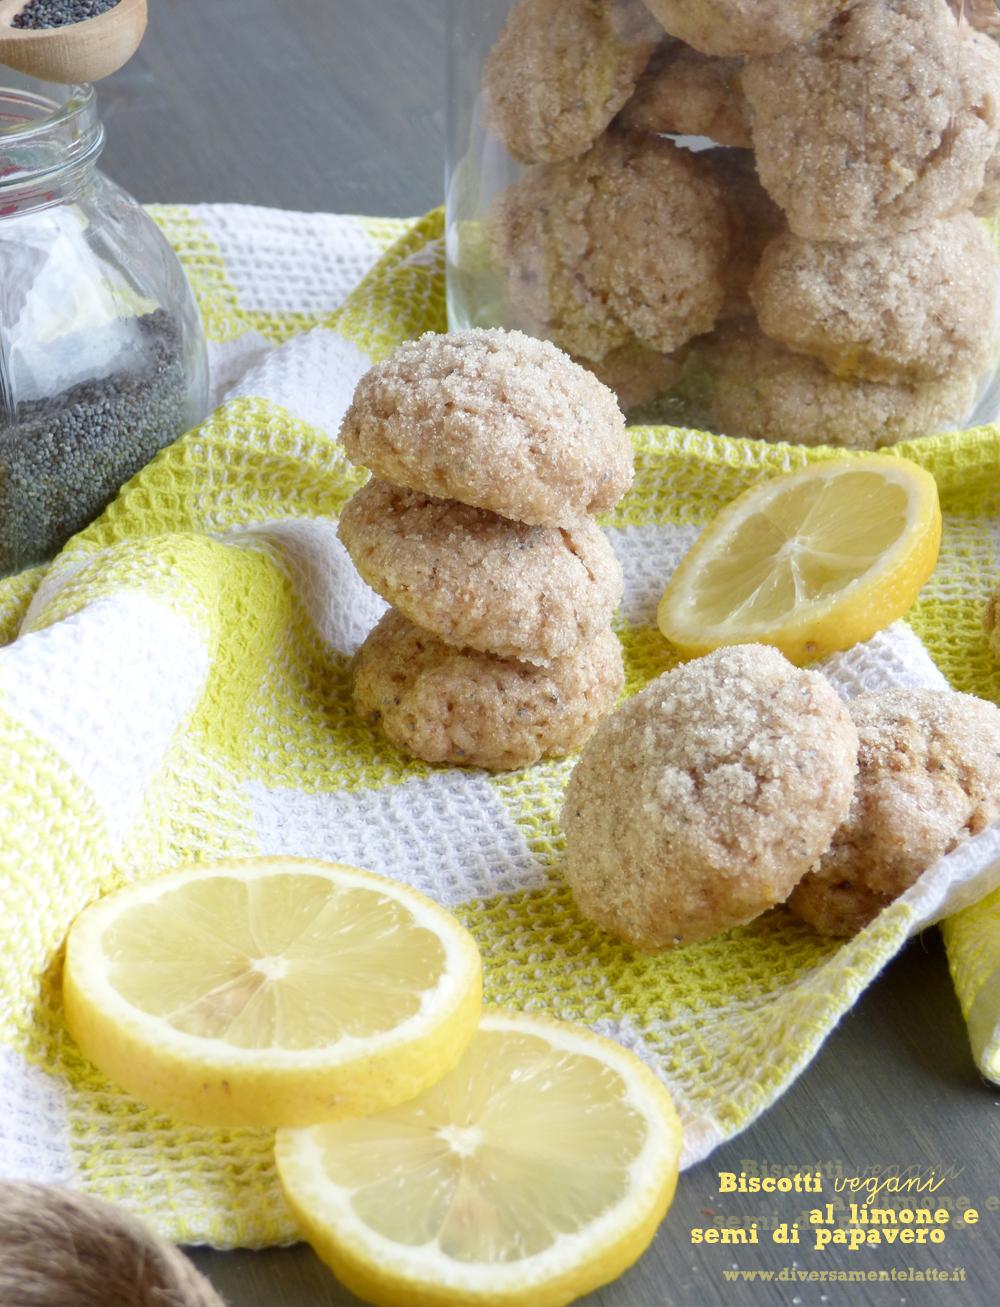 biscotti al limone e semi di papavero senza lattosio